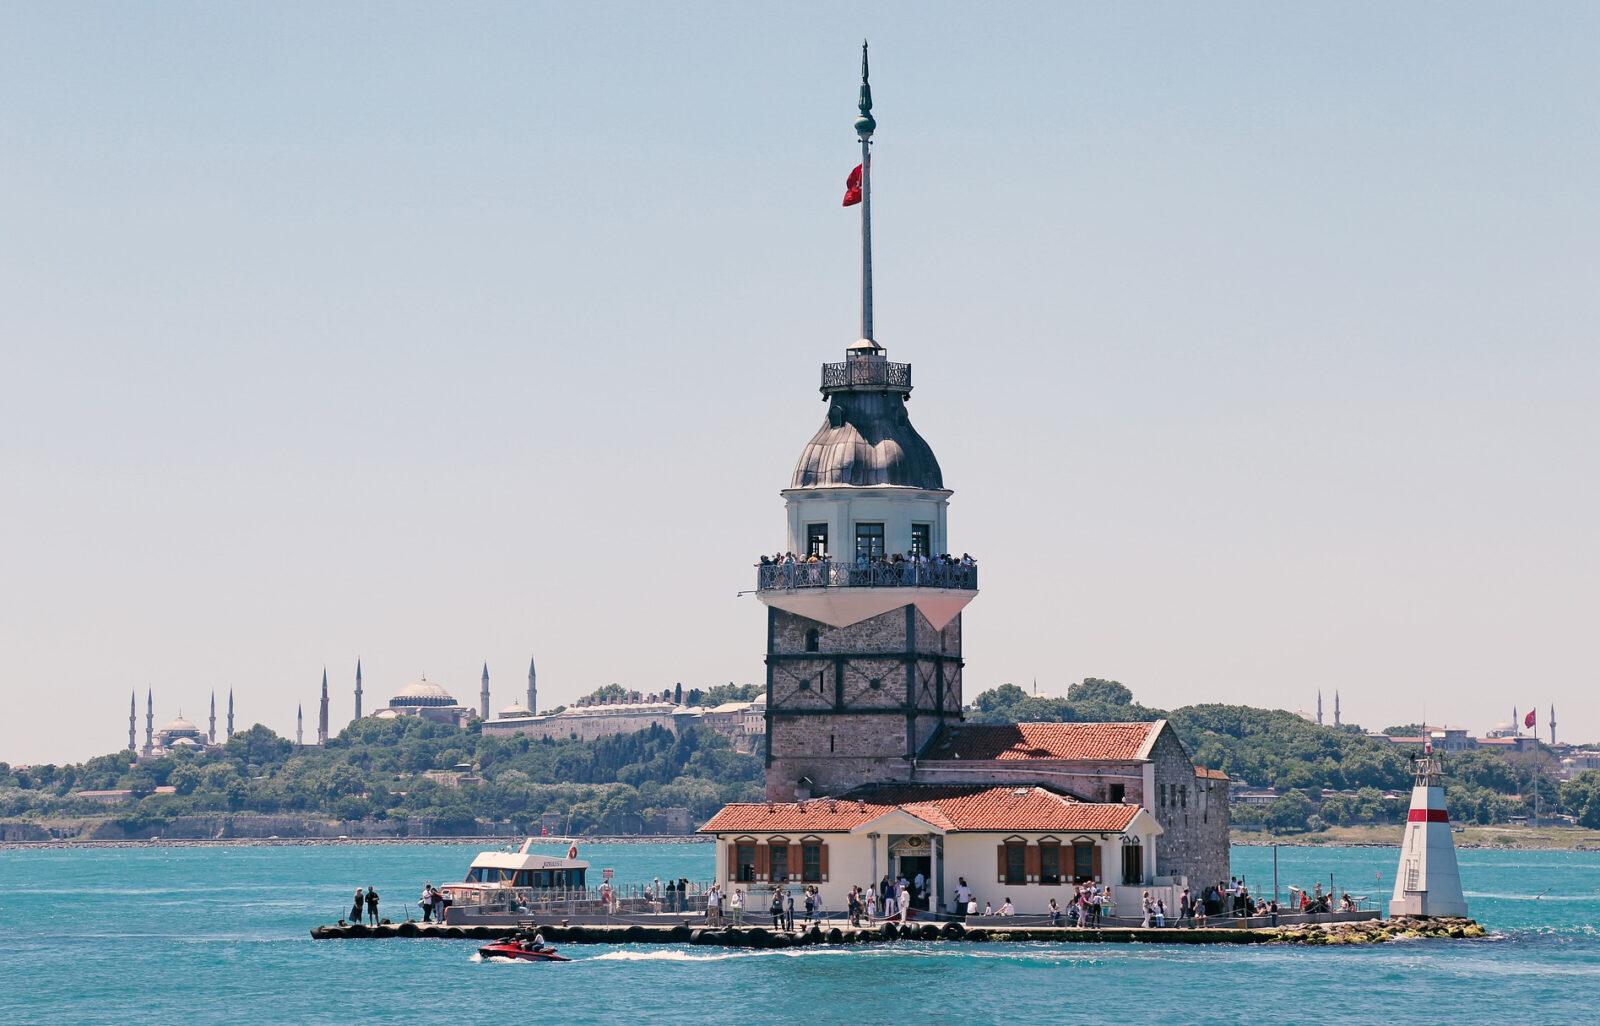 maidens-tower-kiz-kulesi-4460883_1920